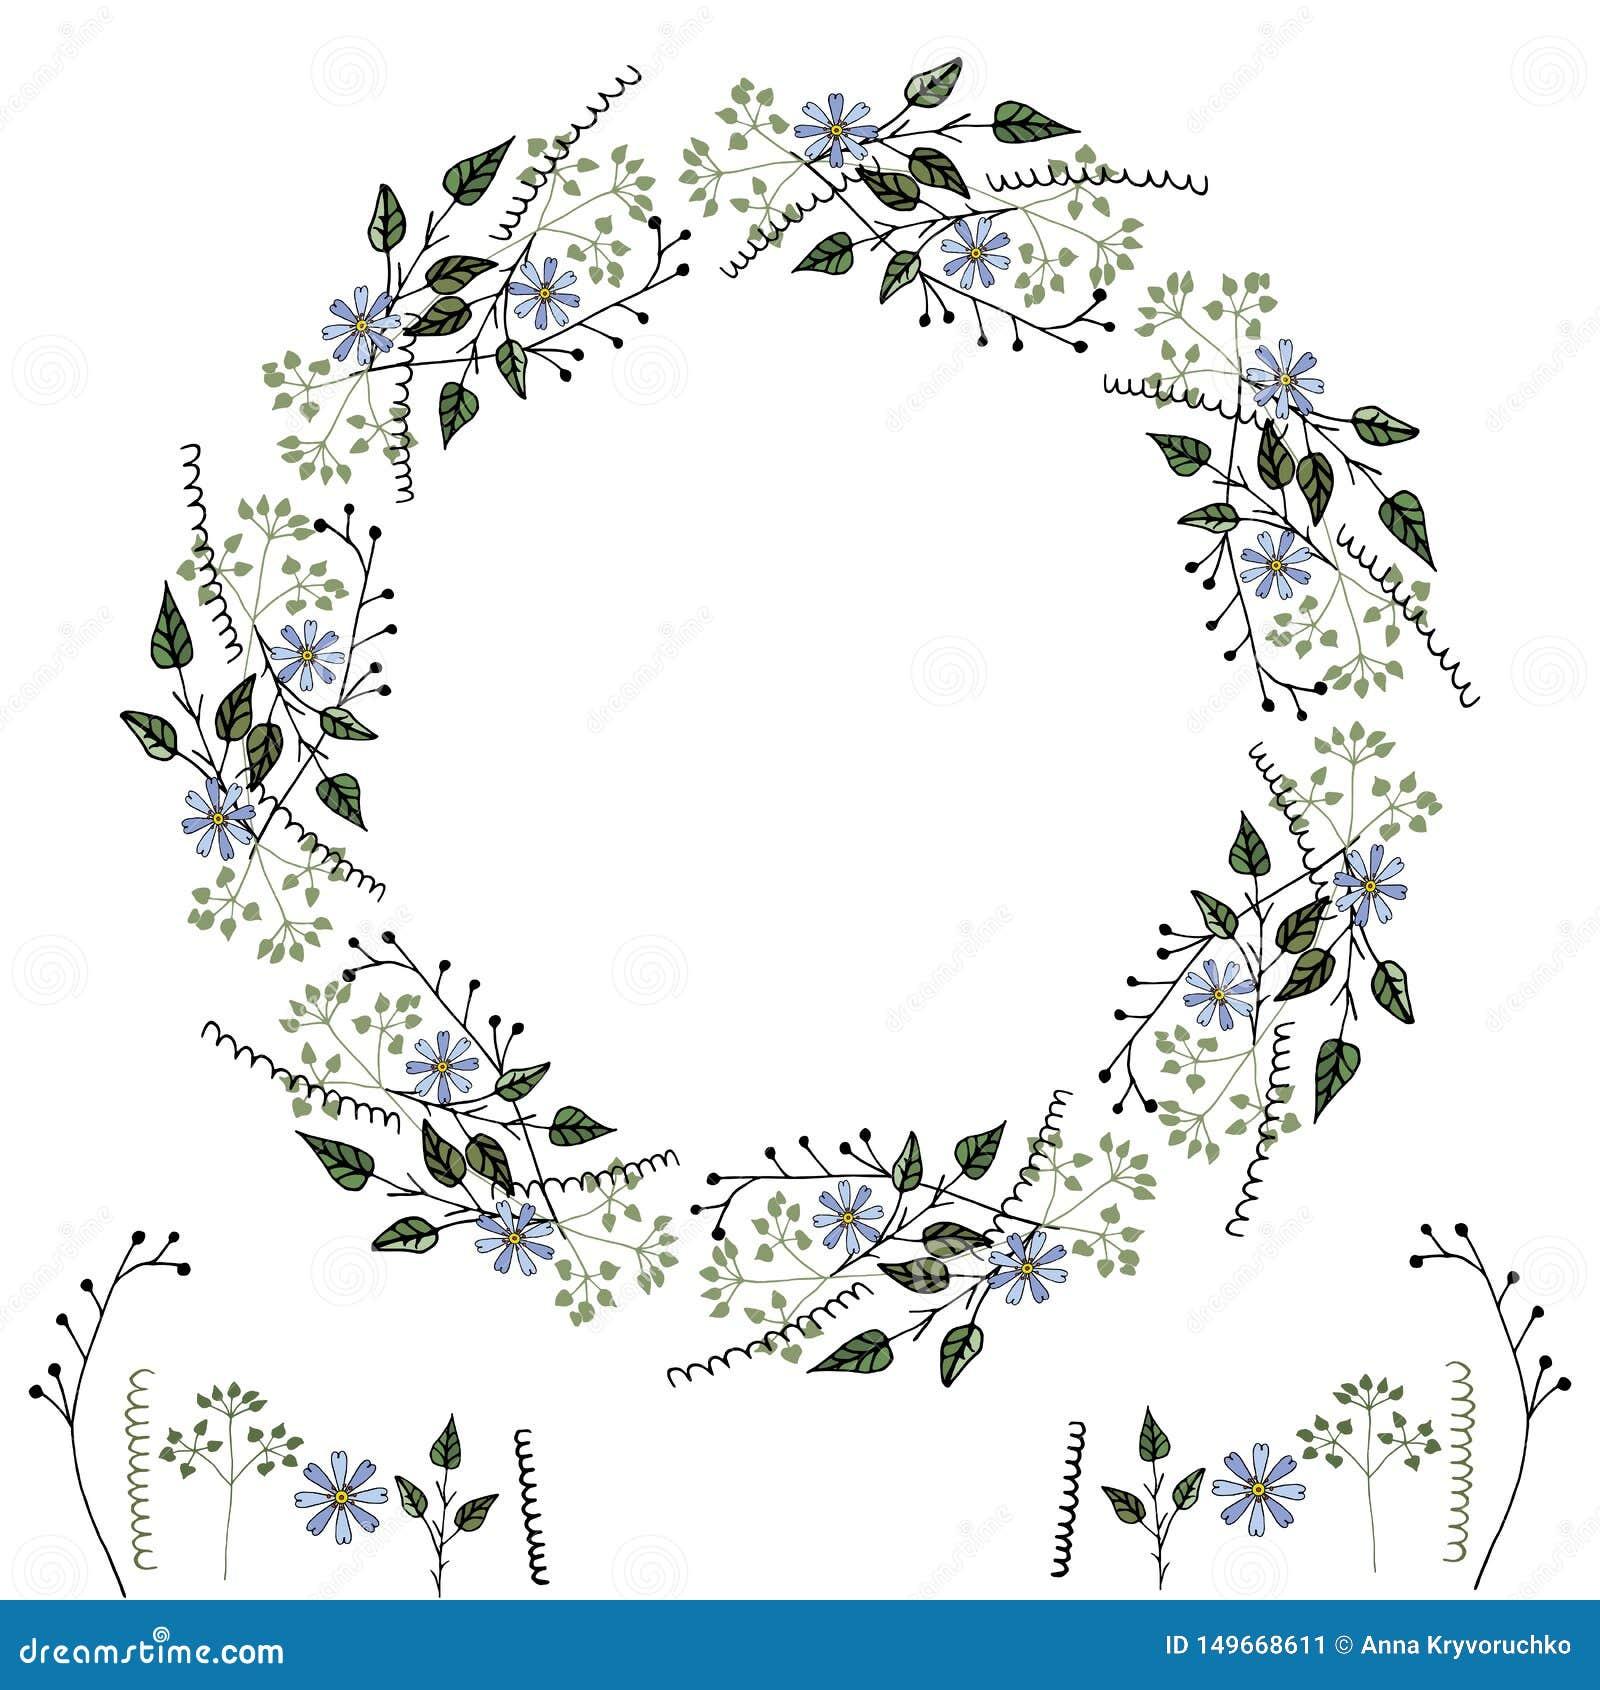 Struttura di vektor del fiore degli elementi botanici delicati semplici, fiori e forme geometriche, per creare le progettazioni i